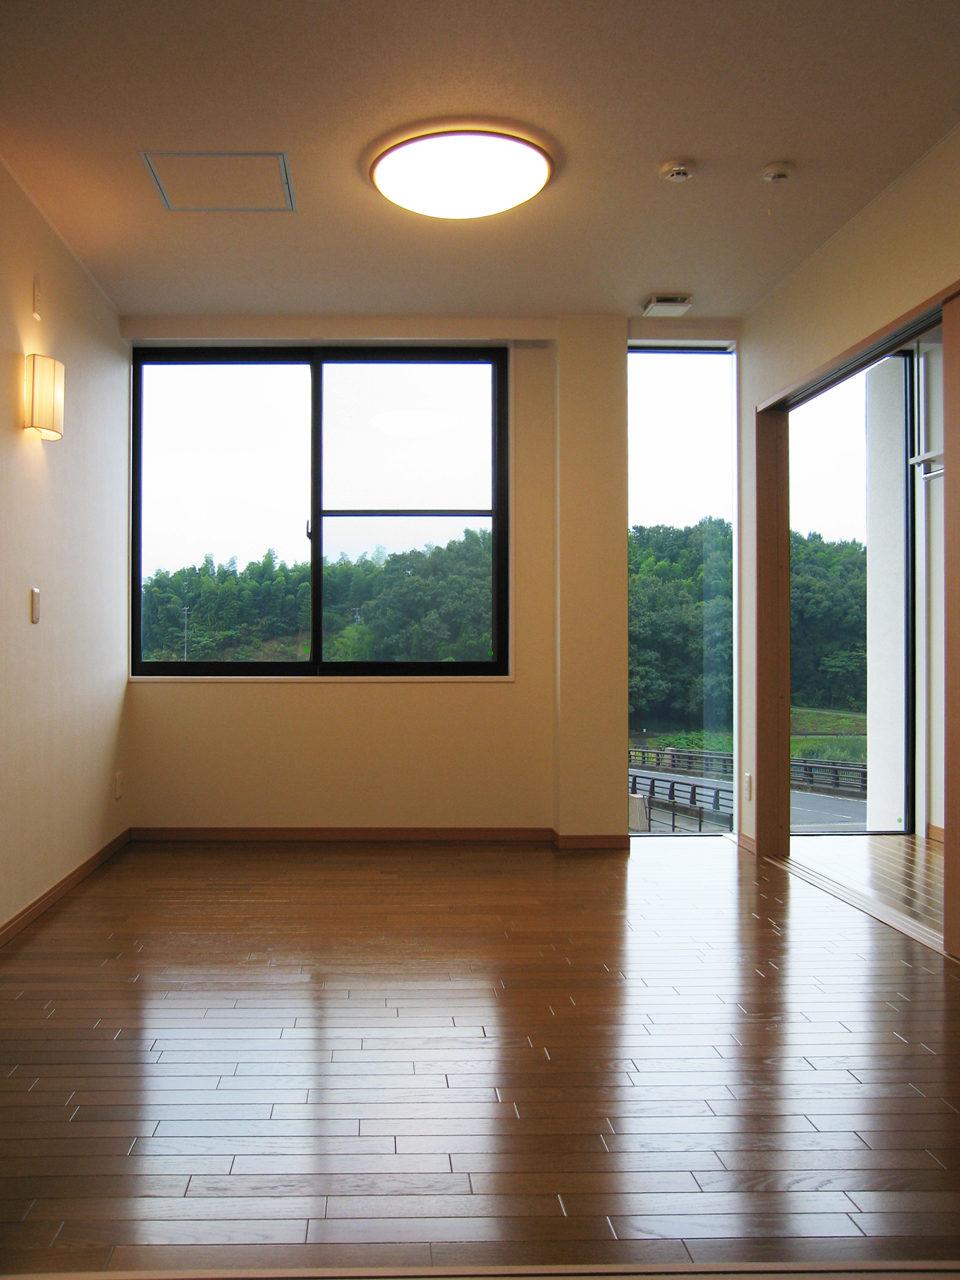 おしゃれなホームエレベータ付きバリアフリー住宅兼事務所の新築設計